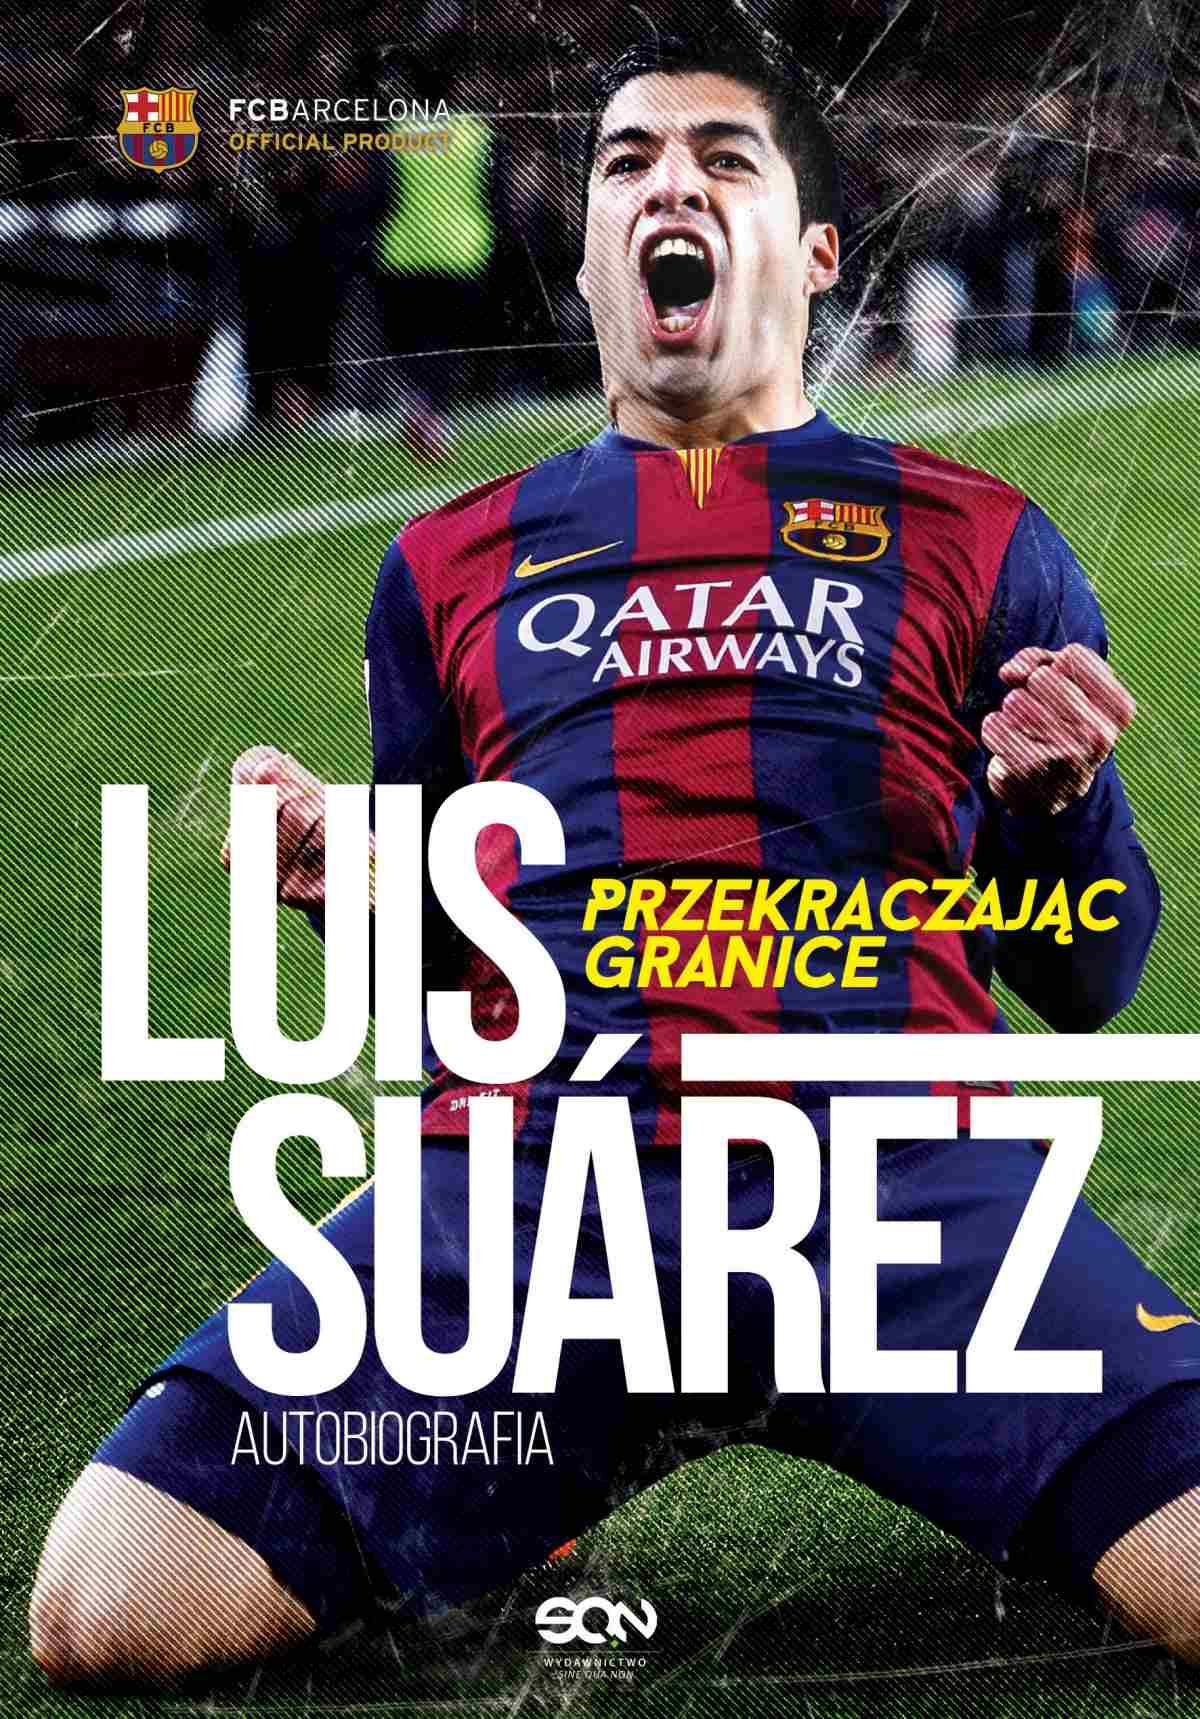 Luis Suarez. Przekraczając granice. Autobiografia - Ebook (Książka EPUB) do pobrania w formacie EPUB